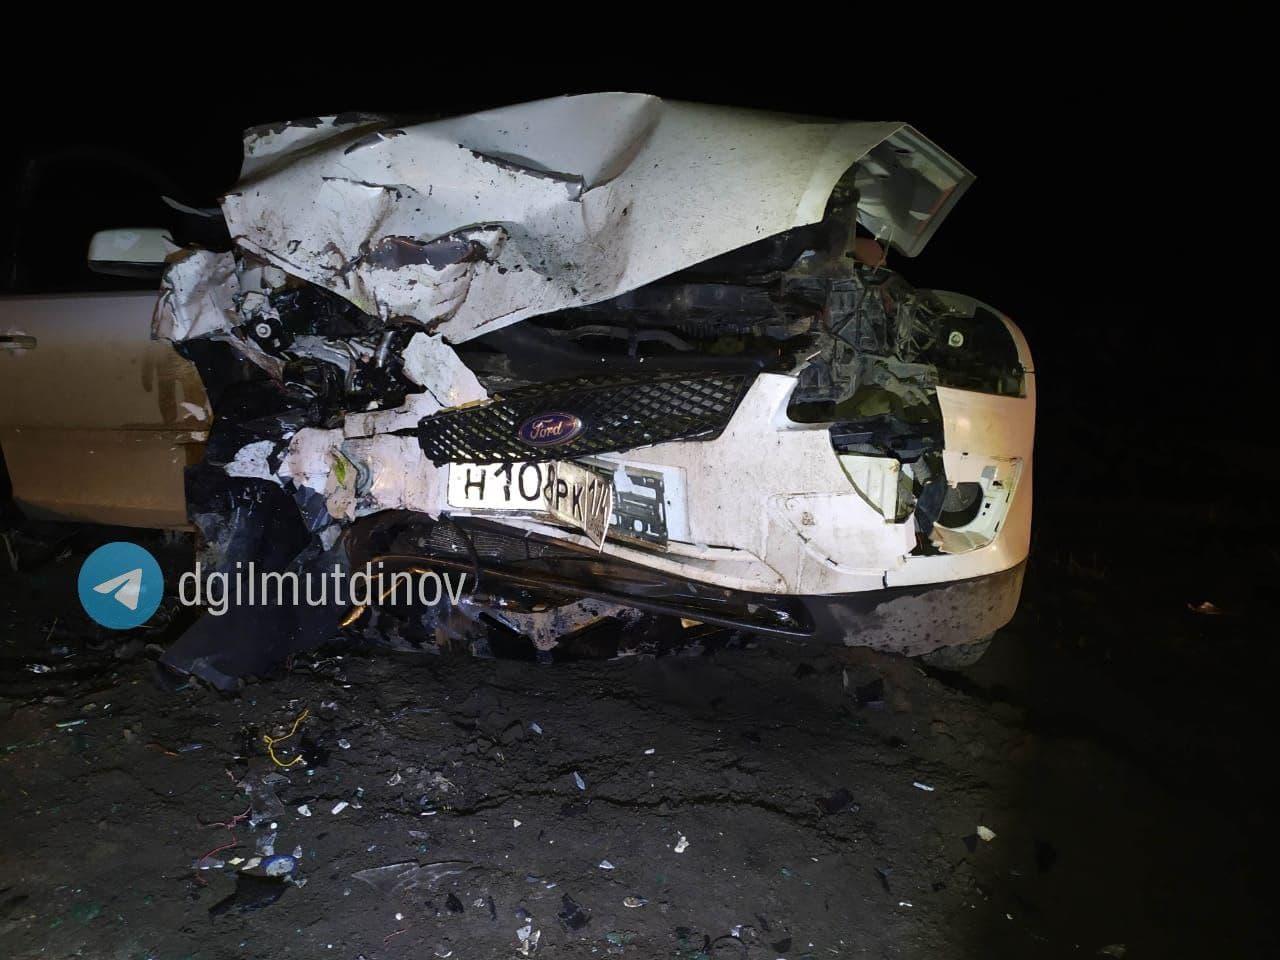 7 раненых: водитель из Челябинской области попал в жуткое ДТП в Башкирии